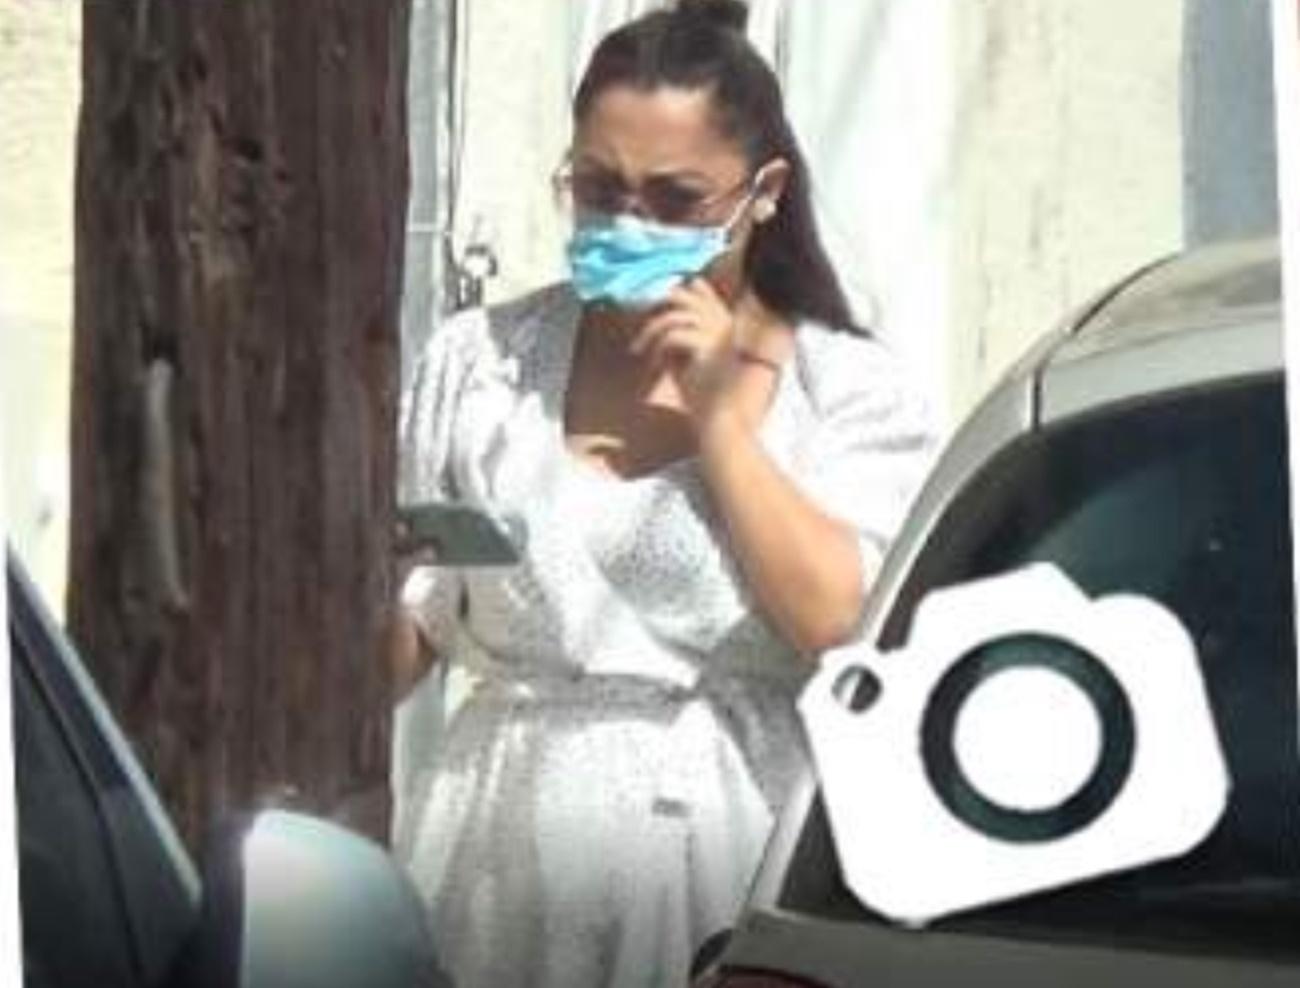 Andra, surprinsă pe stradă după ce s-a speculat că așteaptă un copil! Este sau nu gravidă?